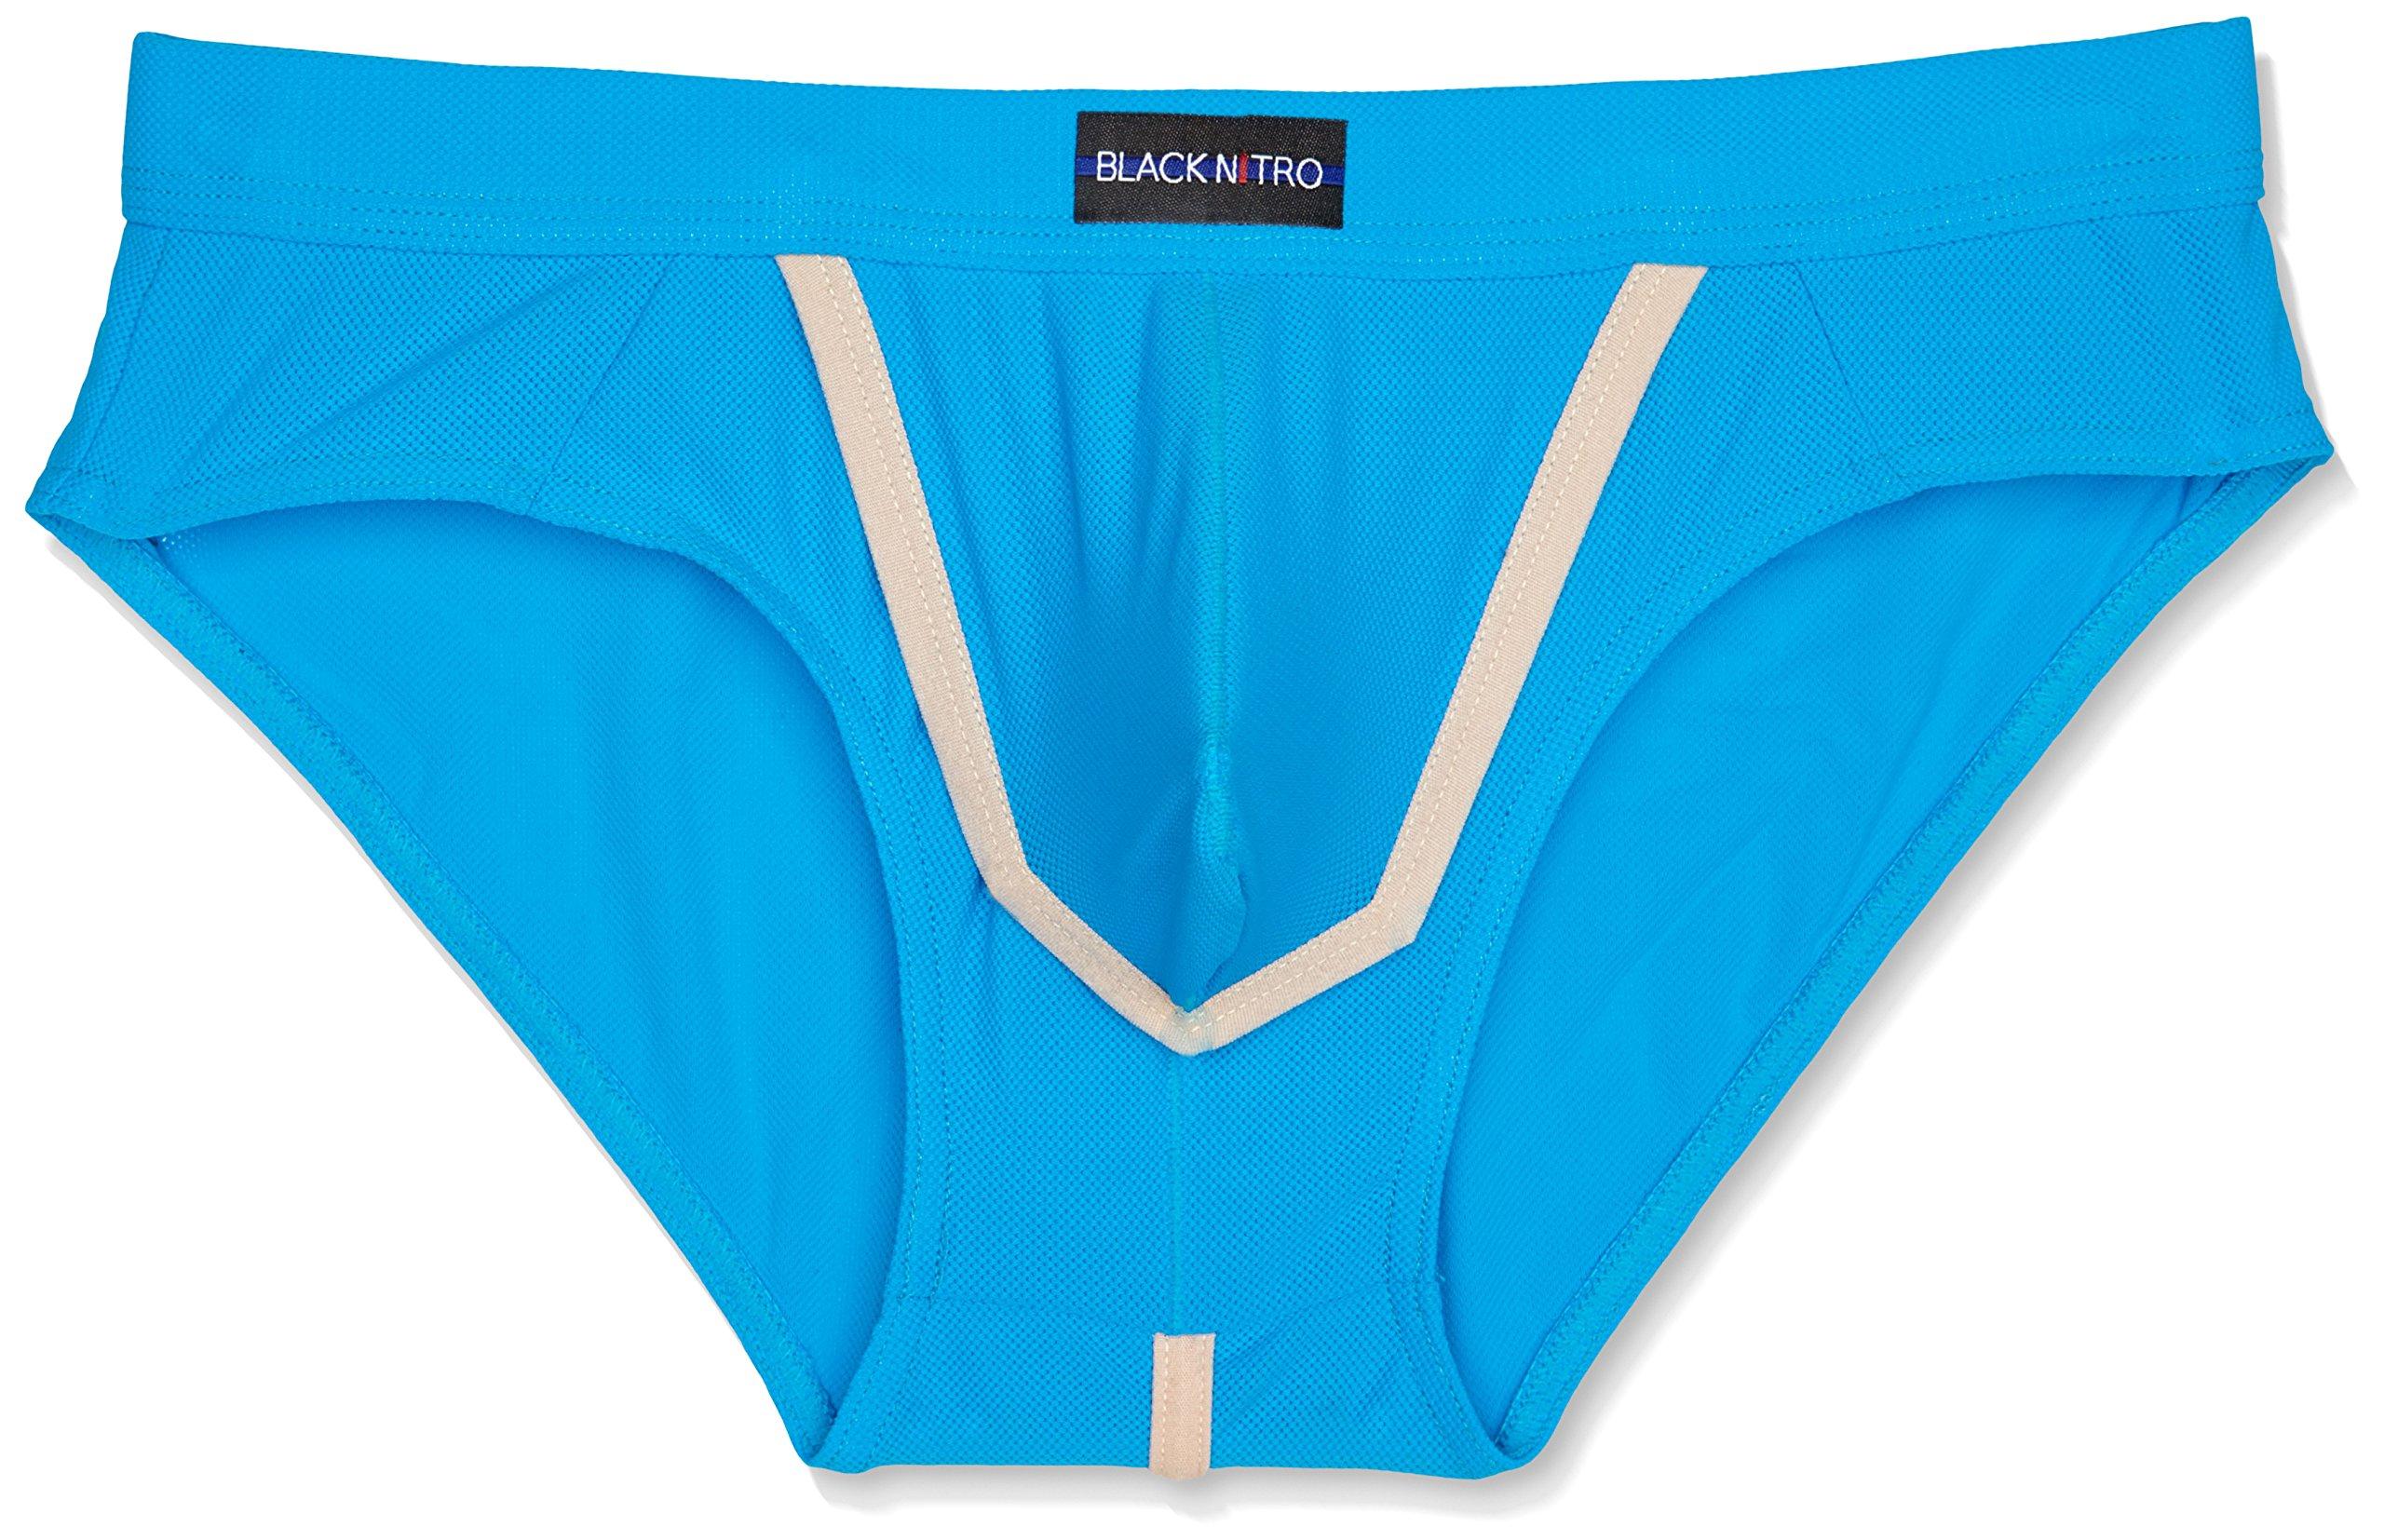 Black Nitro 2011324971, Mutande Uomo, Blu (Blue), Small